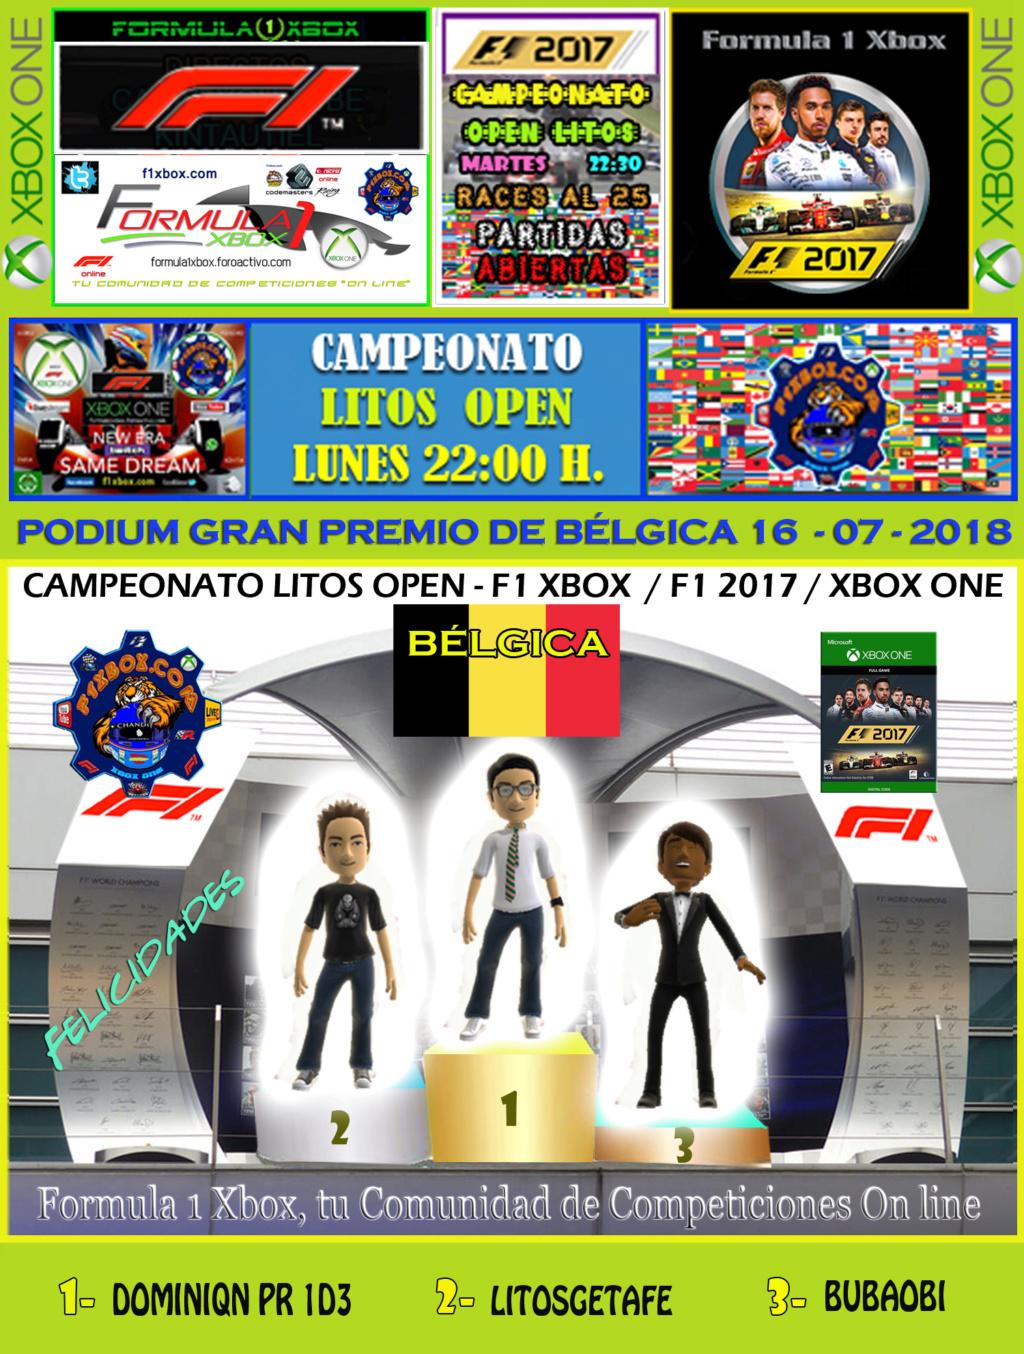 F1 2017 - XBOX ONE / CAMPEONATO LITOS OPEN - F1 XBOX / RESULTADOS Y PODIUM / G.P. DE AUSTRIA + GP DE BÉLGICA / LUNES 16 - 07 - 2018. Podium25